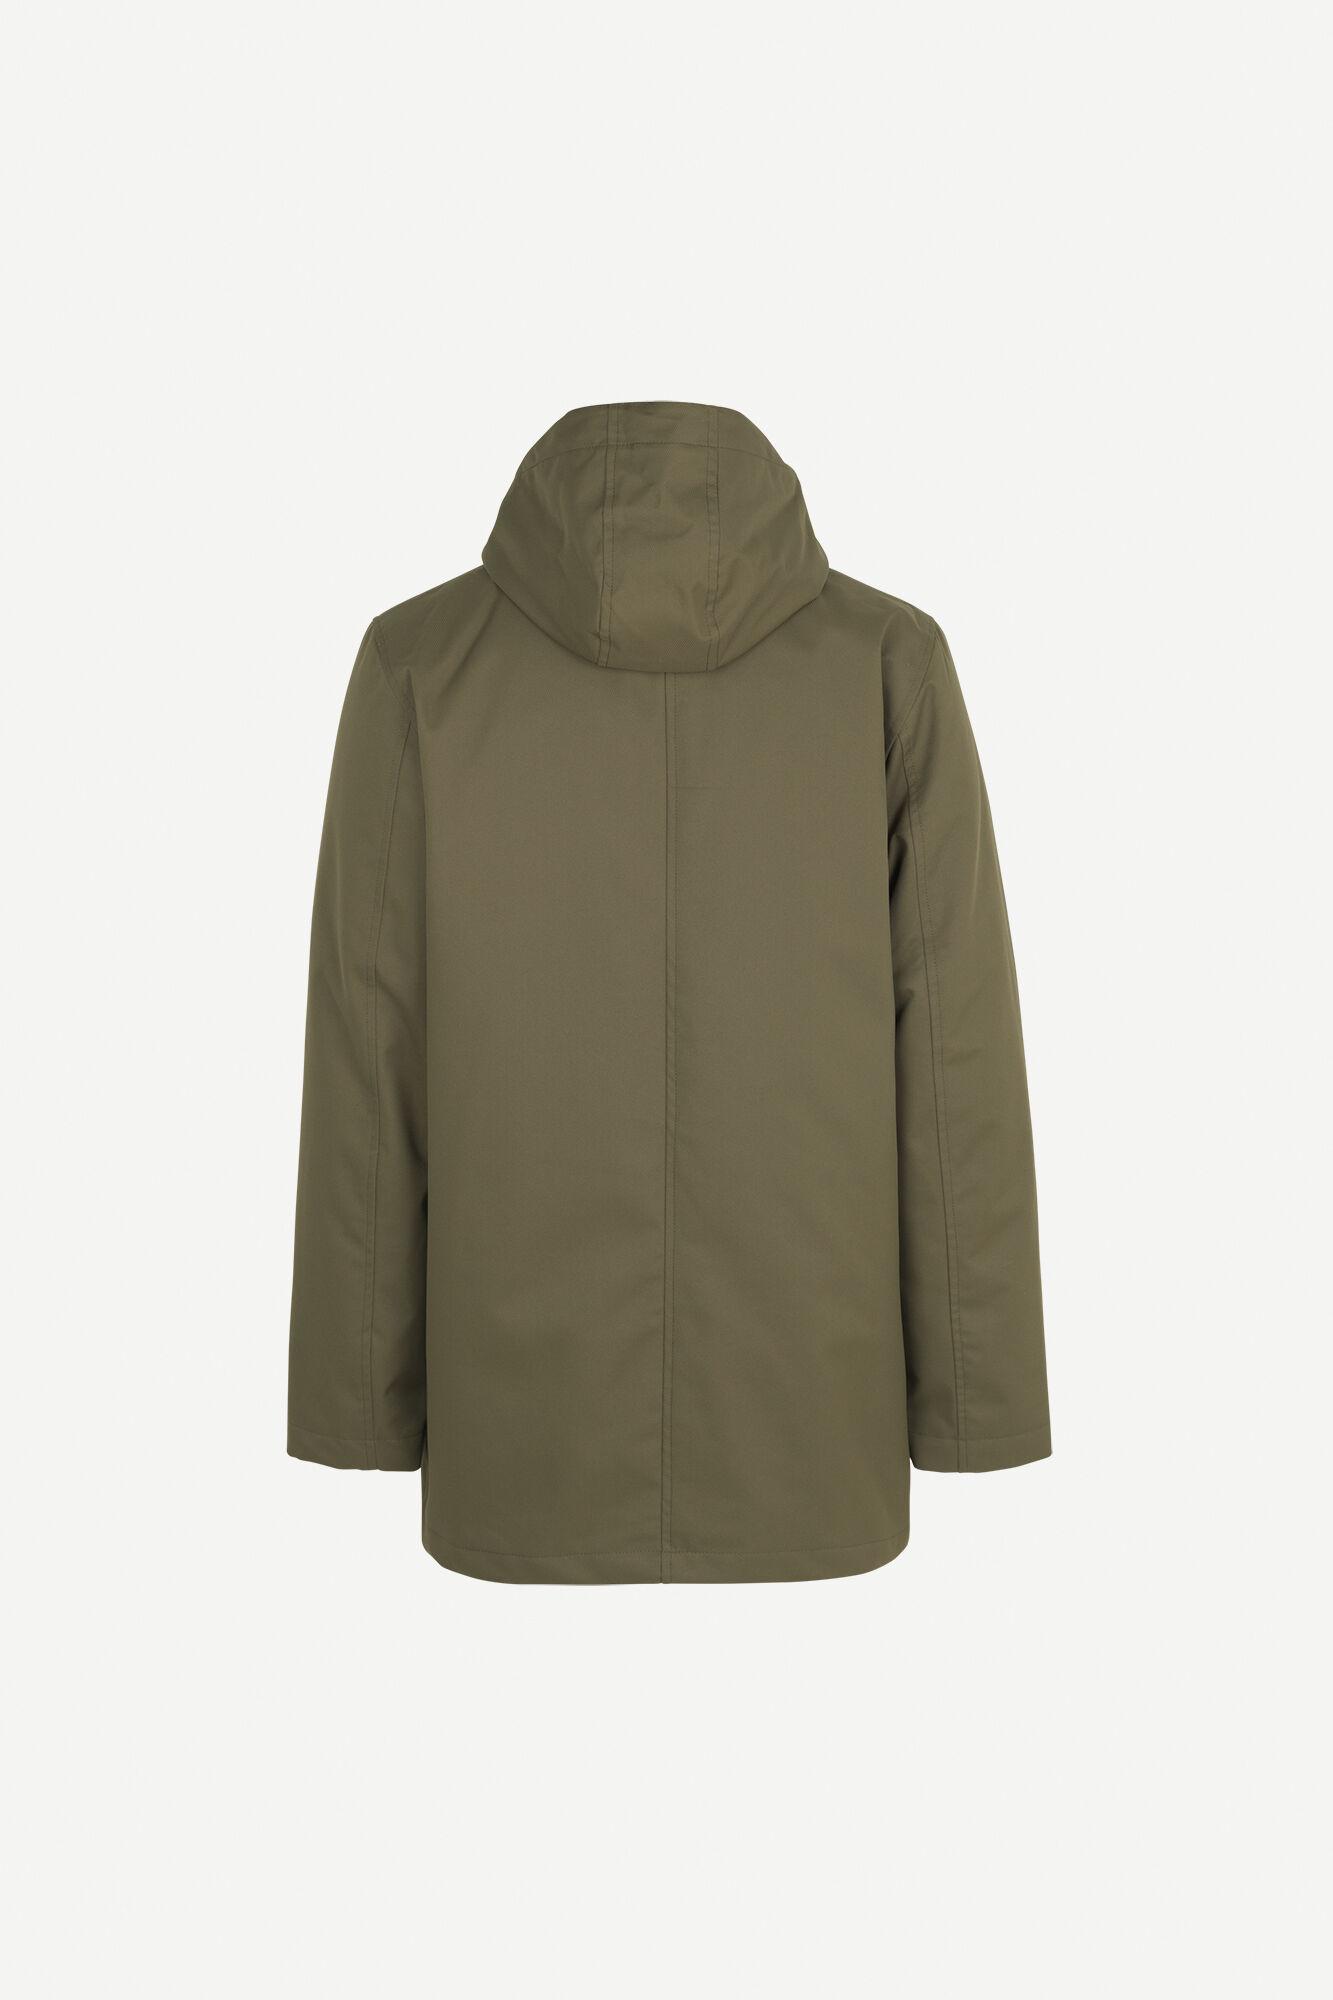 Misam 3 Layer Winter Jacket Green 11234-3